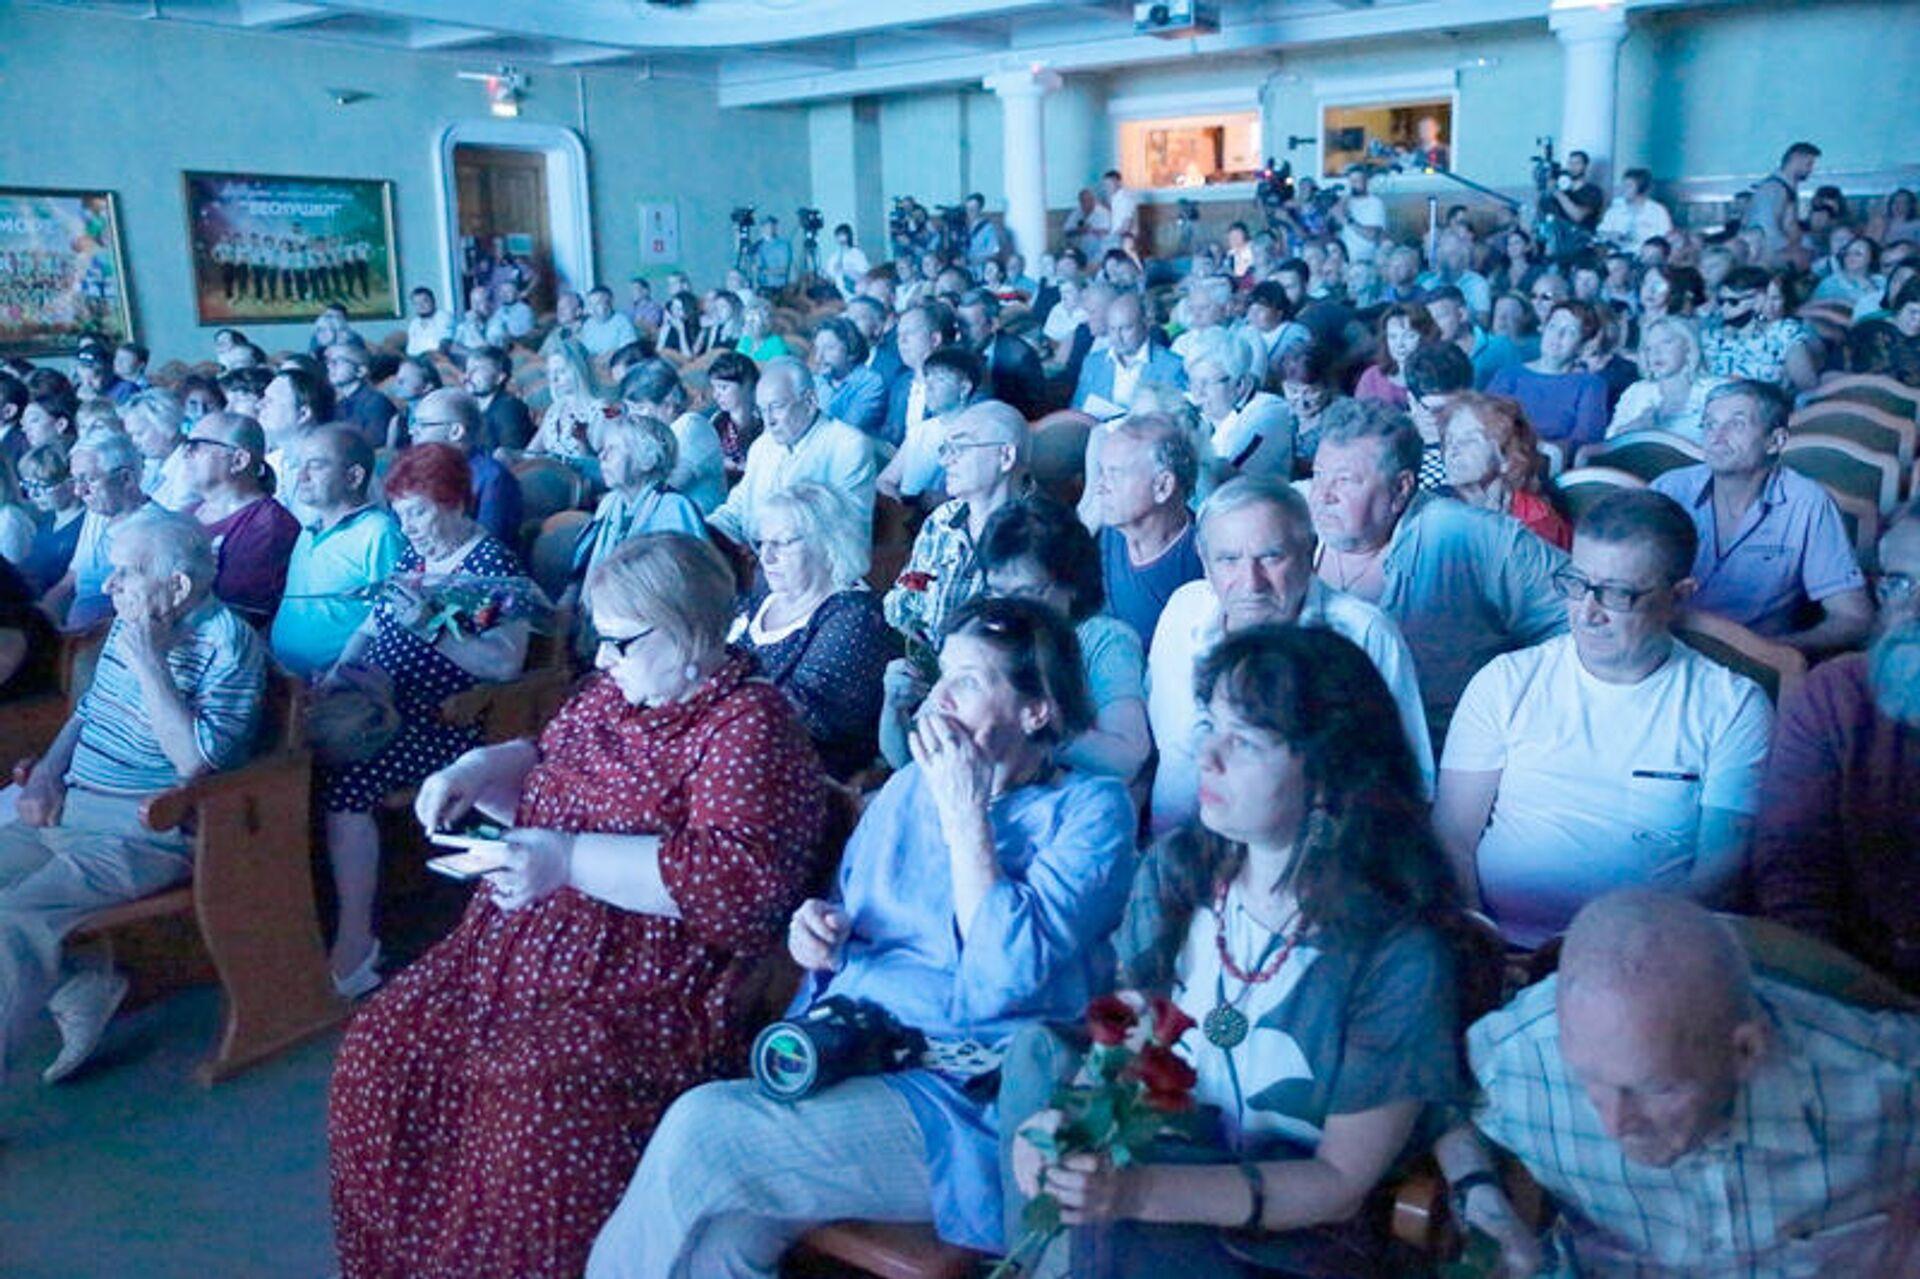 Зрители во время просмотра конкурсной программы XVI фестиваля Победили вместе, 28 августа 2020 года - Sputnik Латвия, 1920, 30.08.2021